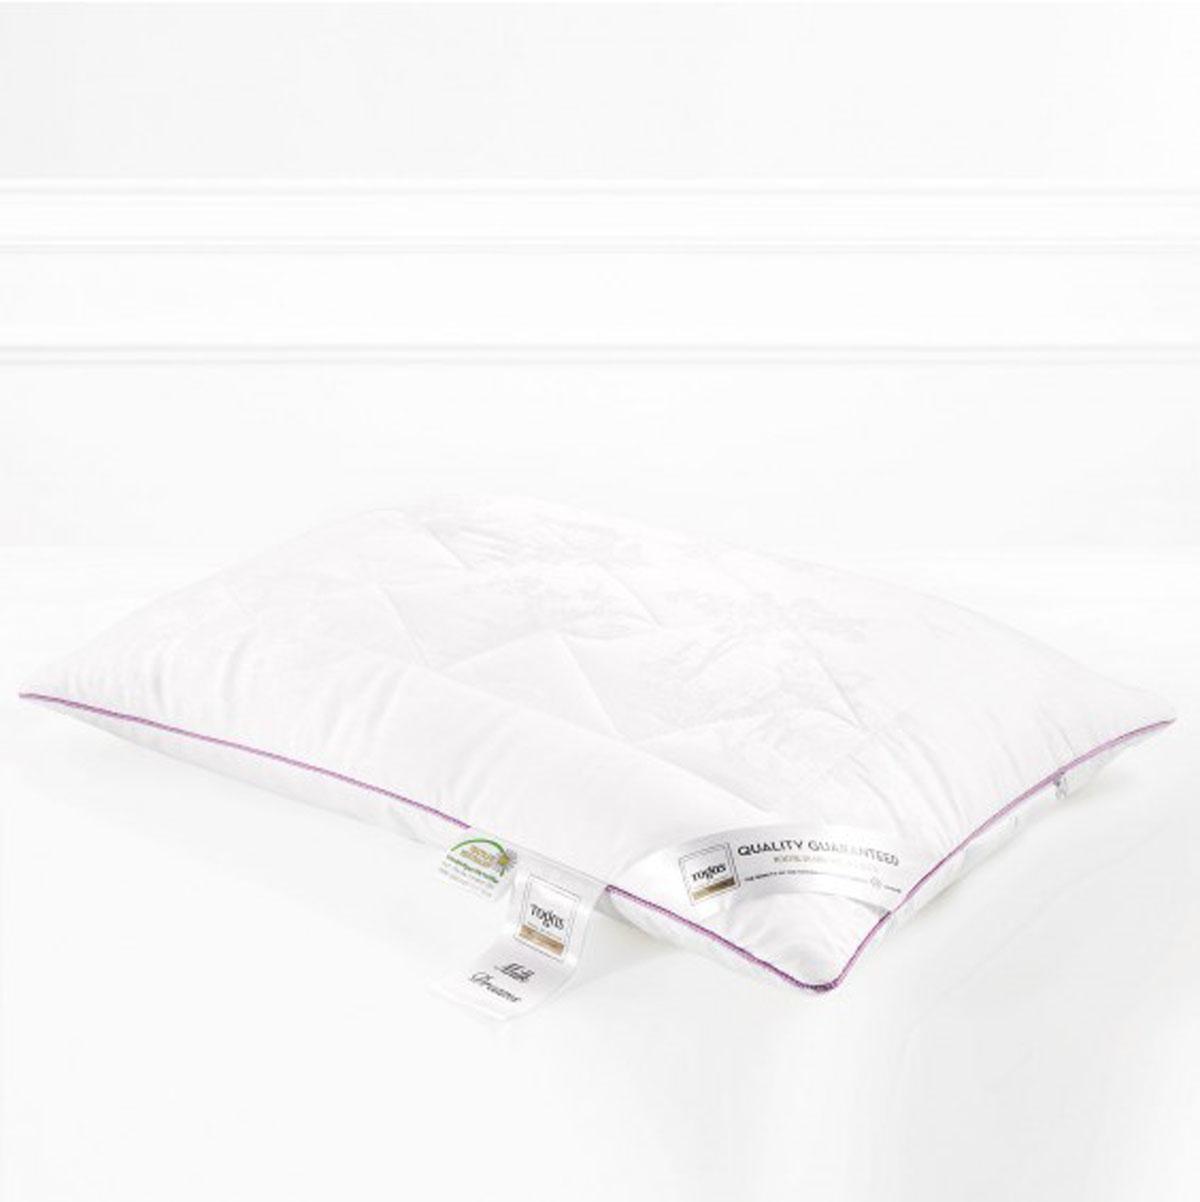 Подушка Togas Милк дримс, наполнитель: молочное волокно, 70 х 70 см531-105Чехол подушки Togas Милк дримс выполнен из жаккарда (100% модал). Наполнитель подушки изготовлен из молочного волокна. Модал – материал нового поколения, появился сравнительно недавно. Несмотря на синтетическое происхождение, он считается экологически чистым, так как изготовлен из 100% древесной целлюлозы. Целлюлоза для модала используется высококачественная, чаще всего из эвкалиптового дерева, бука, сосны.Молочное волокно имеет гипоаллергенные и антибактериальные свойства. Наполнитель из молочного волокна отлично поглощает лишнюю влагу, не препятствует естественному дыханию кожи во время сна и при этом сохраняет все свои свойства после многократных стирок. Такая подушка абсолютно натуральна и безопасна. Она дарит всю пользу молока вашей коже, насыщая ее во время сна аминокислотами, микроэлементами и оказывая на нее естественно увлажняющее и стимулирующее кровообращение действие.